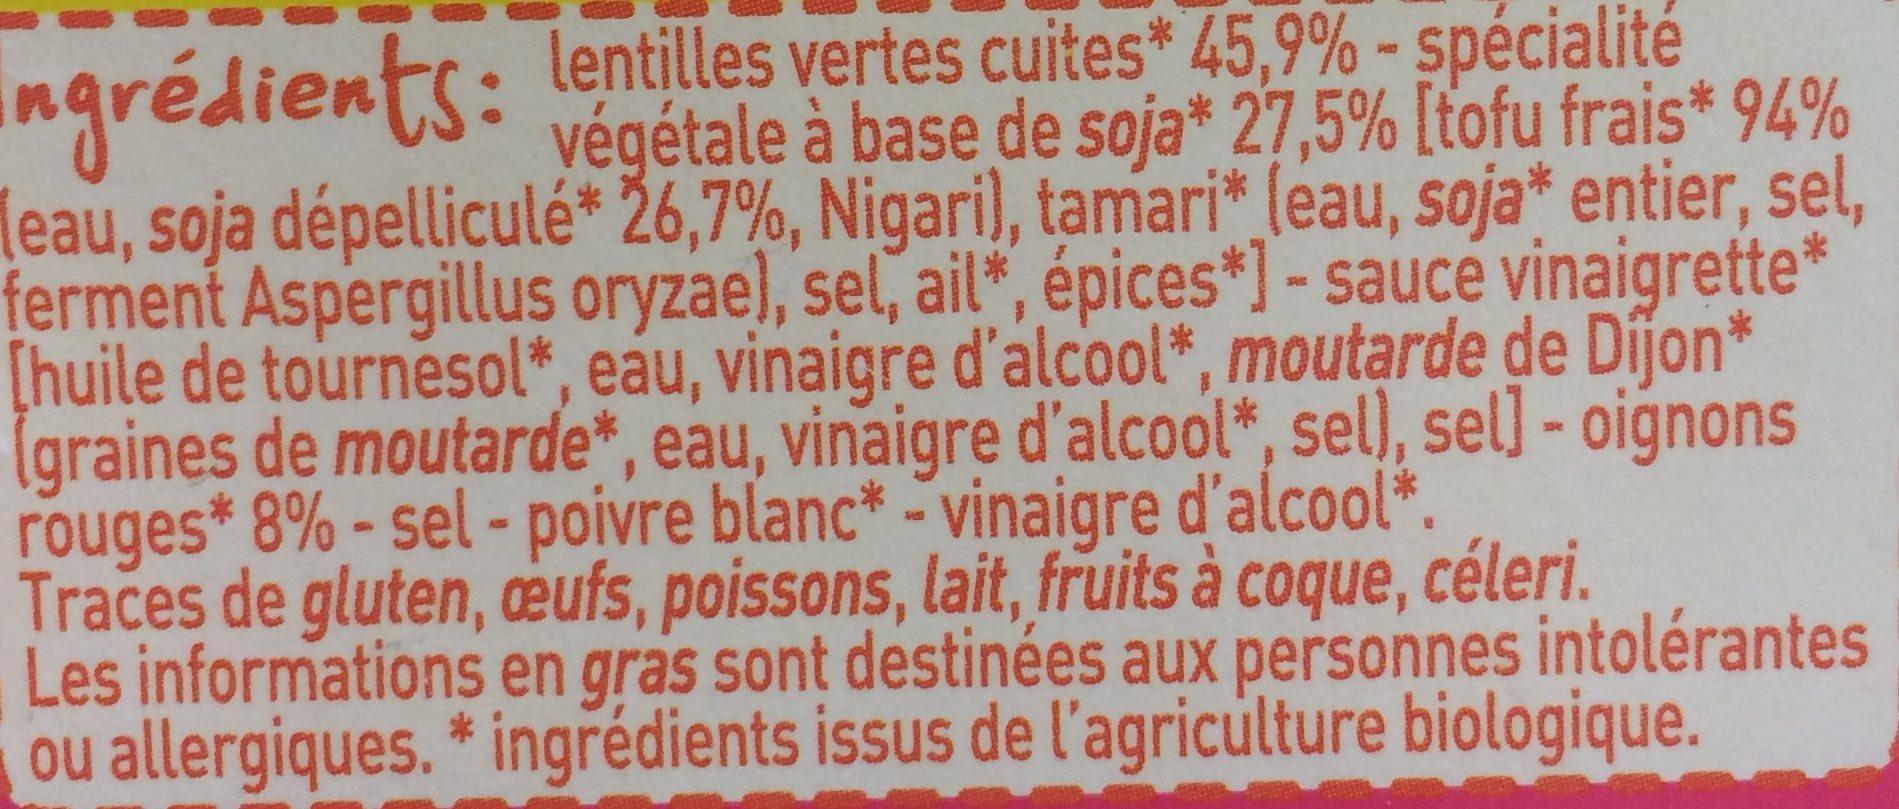 Lentilles et tofu fumé sauce vinaigrette - Ingrédients - fr